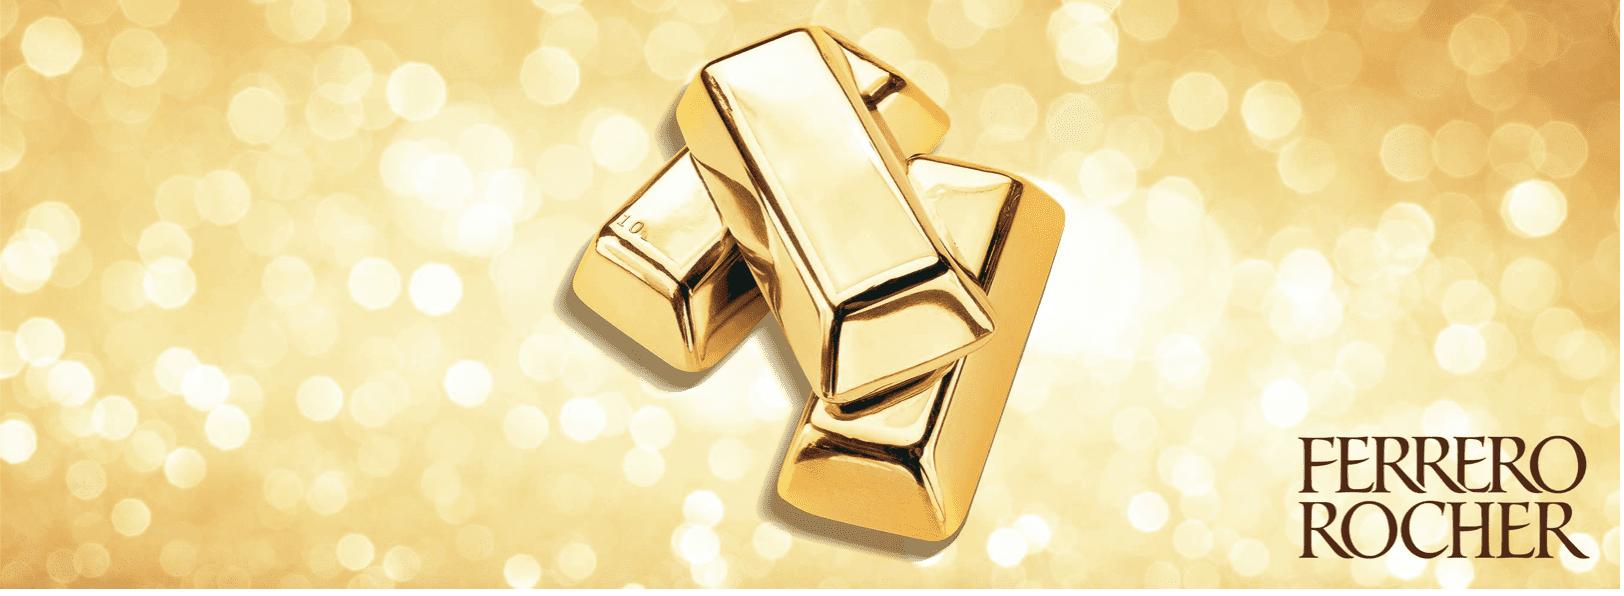 Gewinnspiel-Cases FMCG Süßwaren & Snacks Ferrero